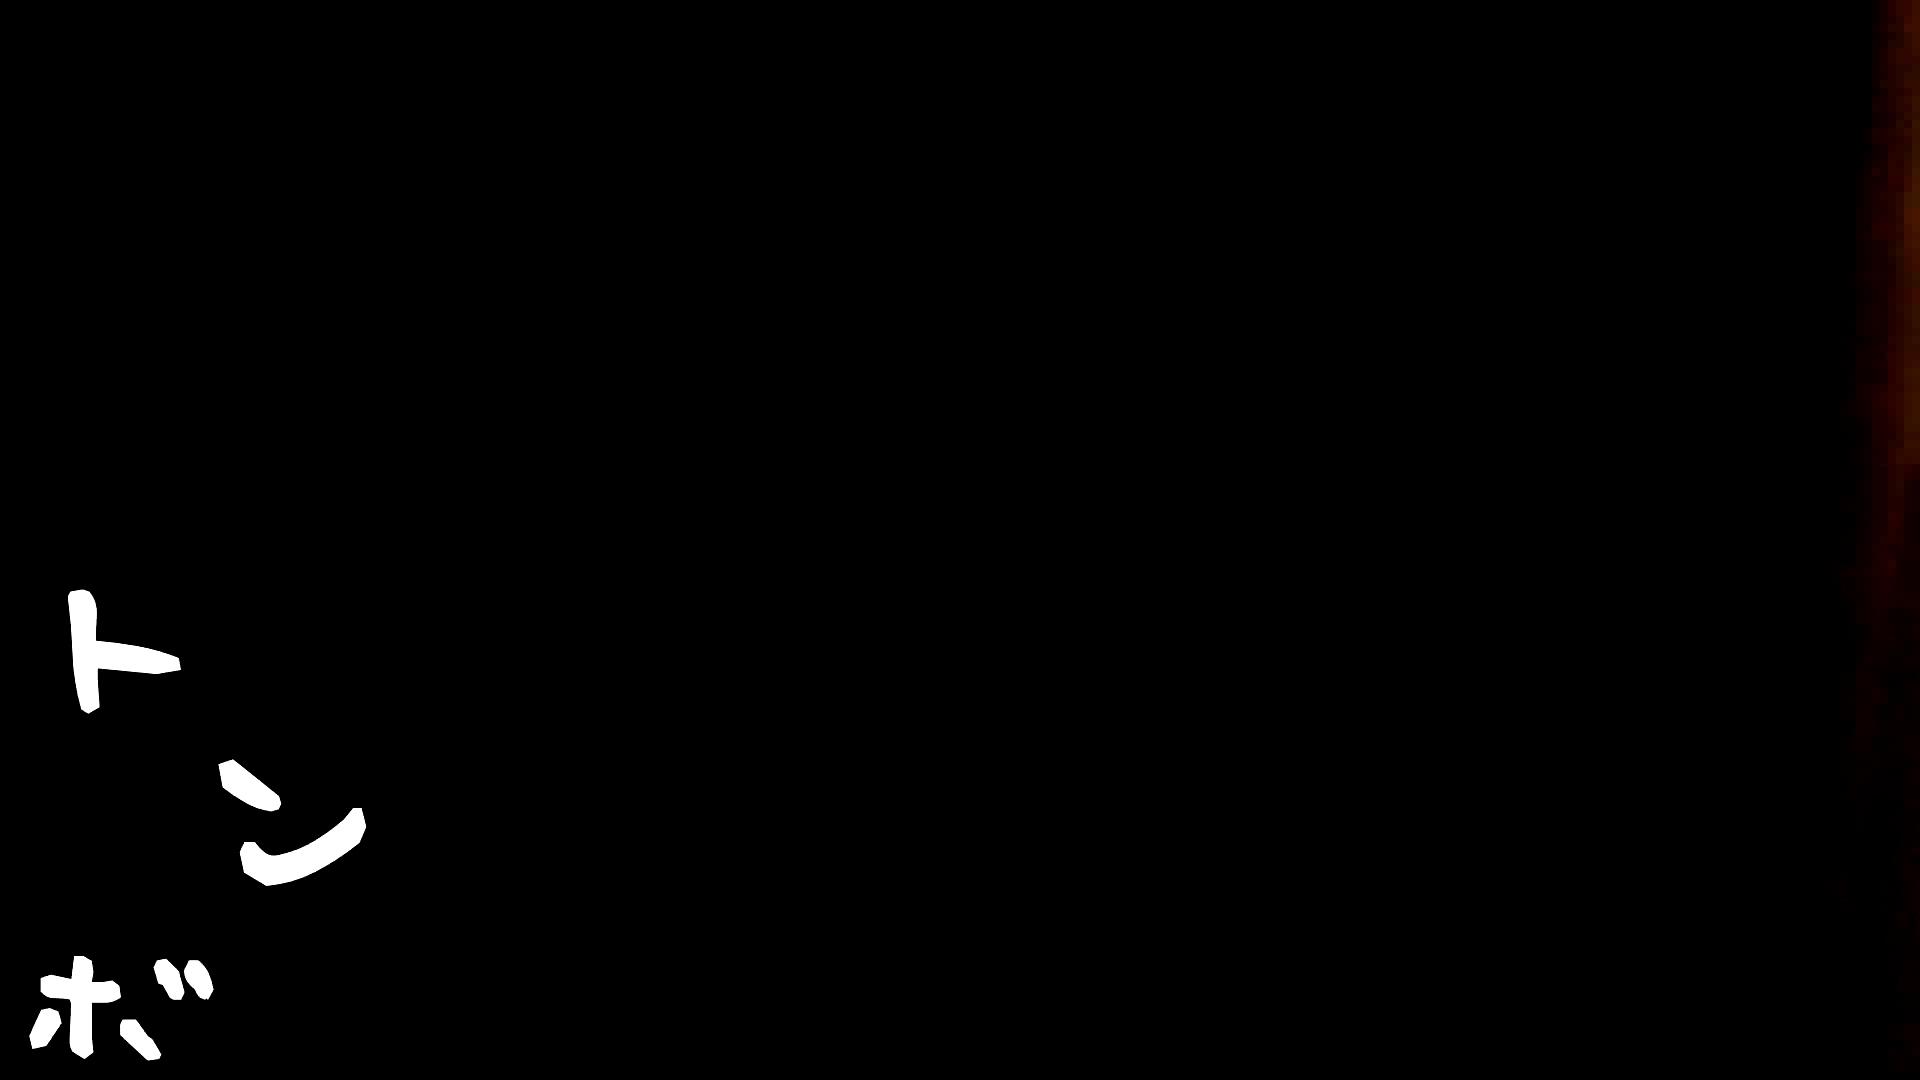 リアル盗撮 美人女市女末の入浴(女市 OL編) 高画質 エロ画像 109PIX 72